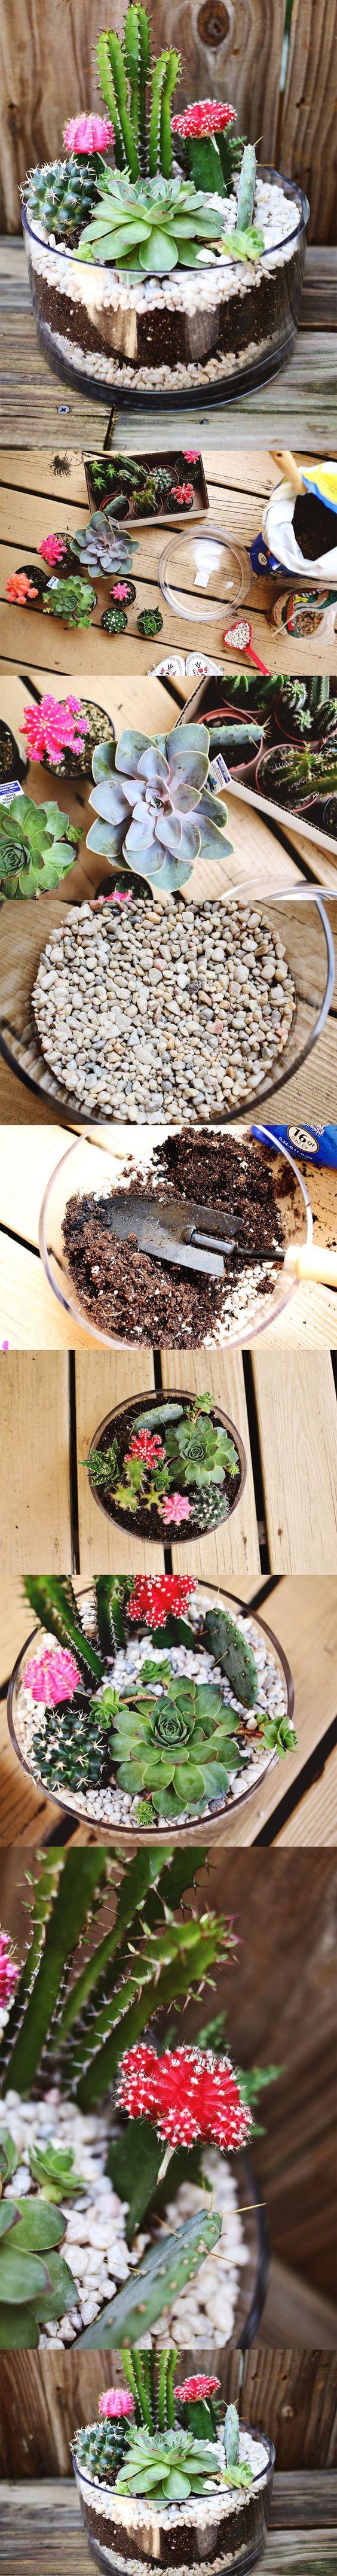 DIY terrarimum